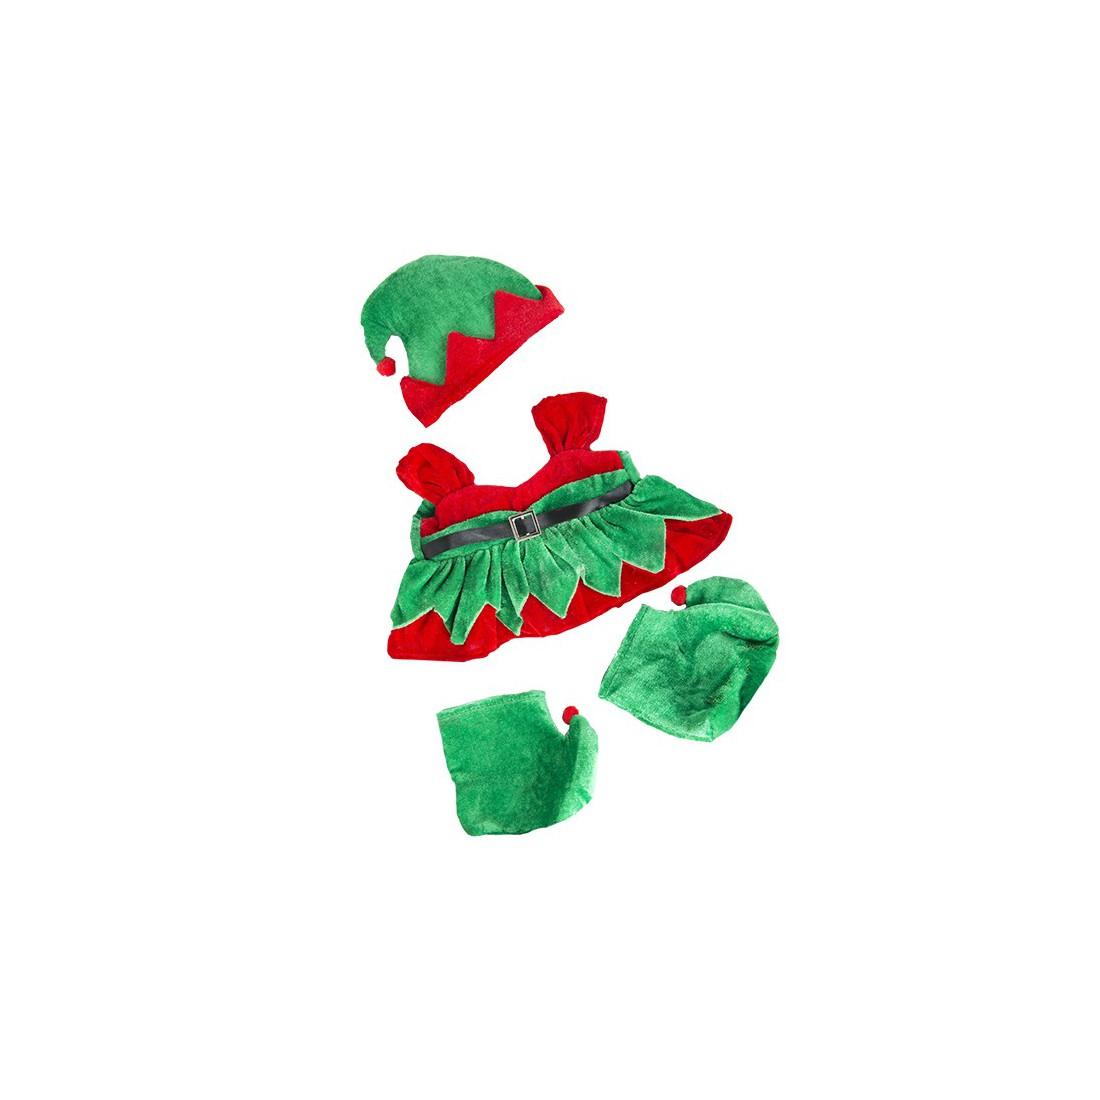 Tenue Elfe fille avec bottes et chapeau   40 cm - La tenue idéale pour les peluches personnalisées ! Transformez votre Teddy en